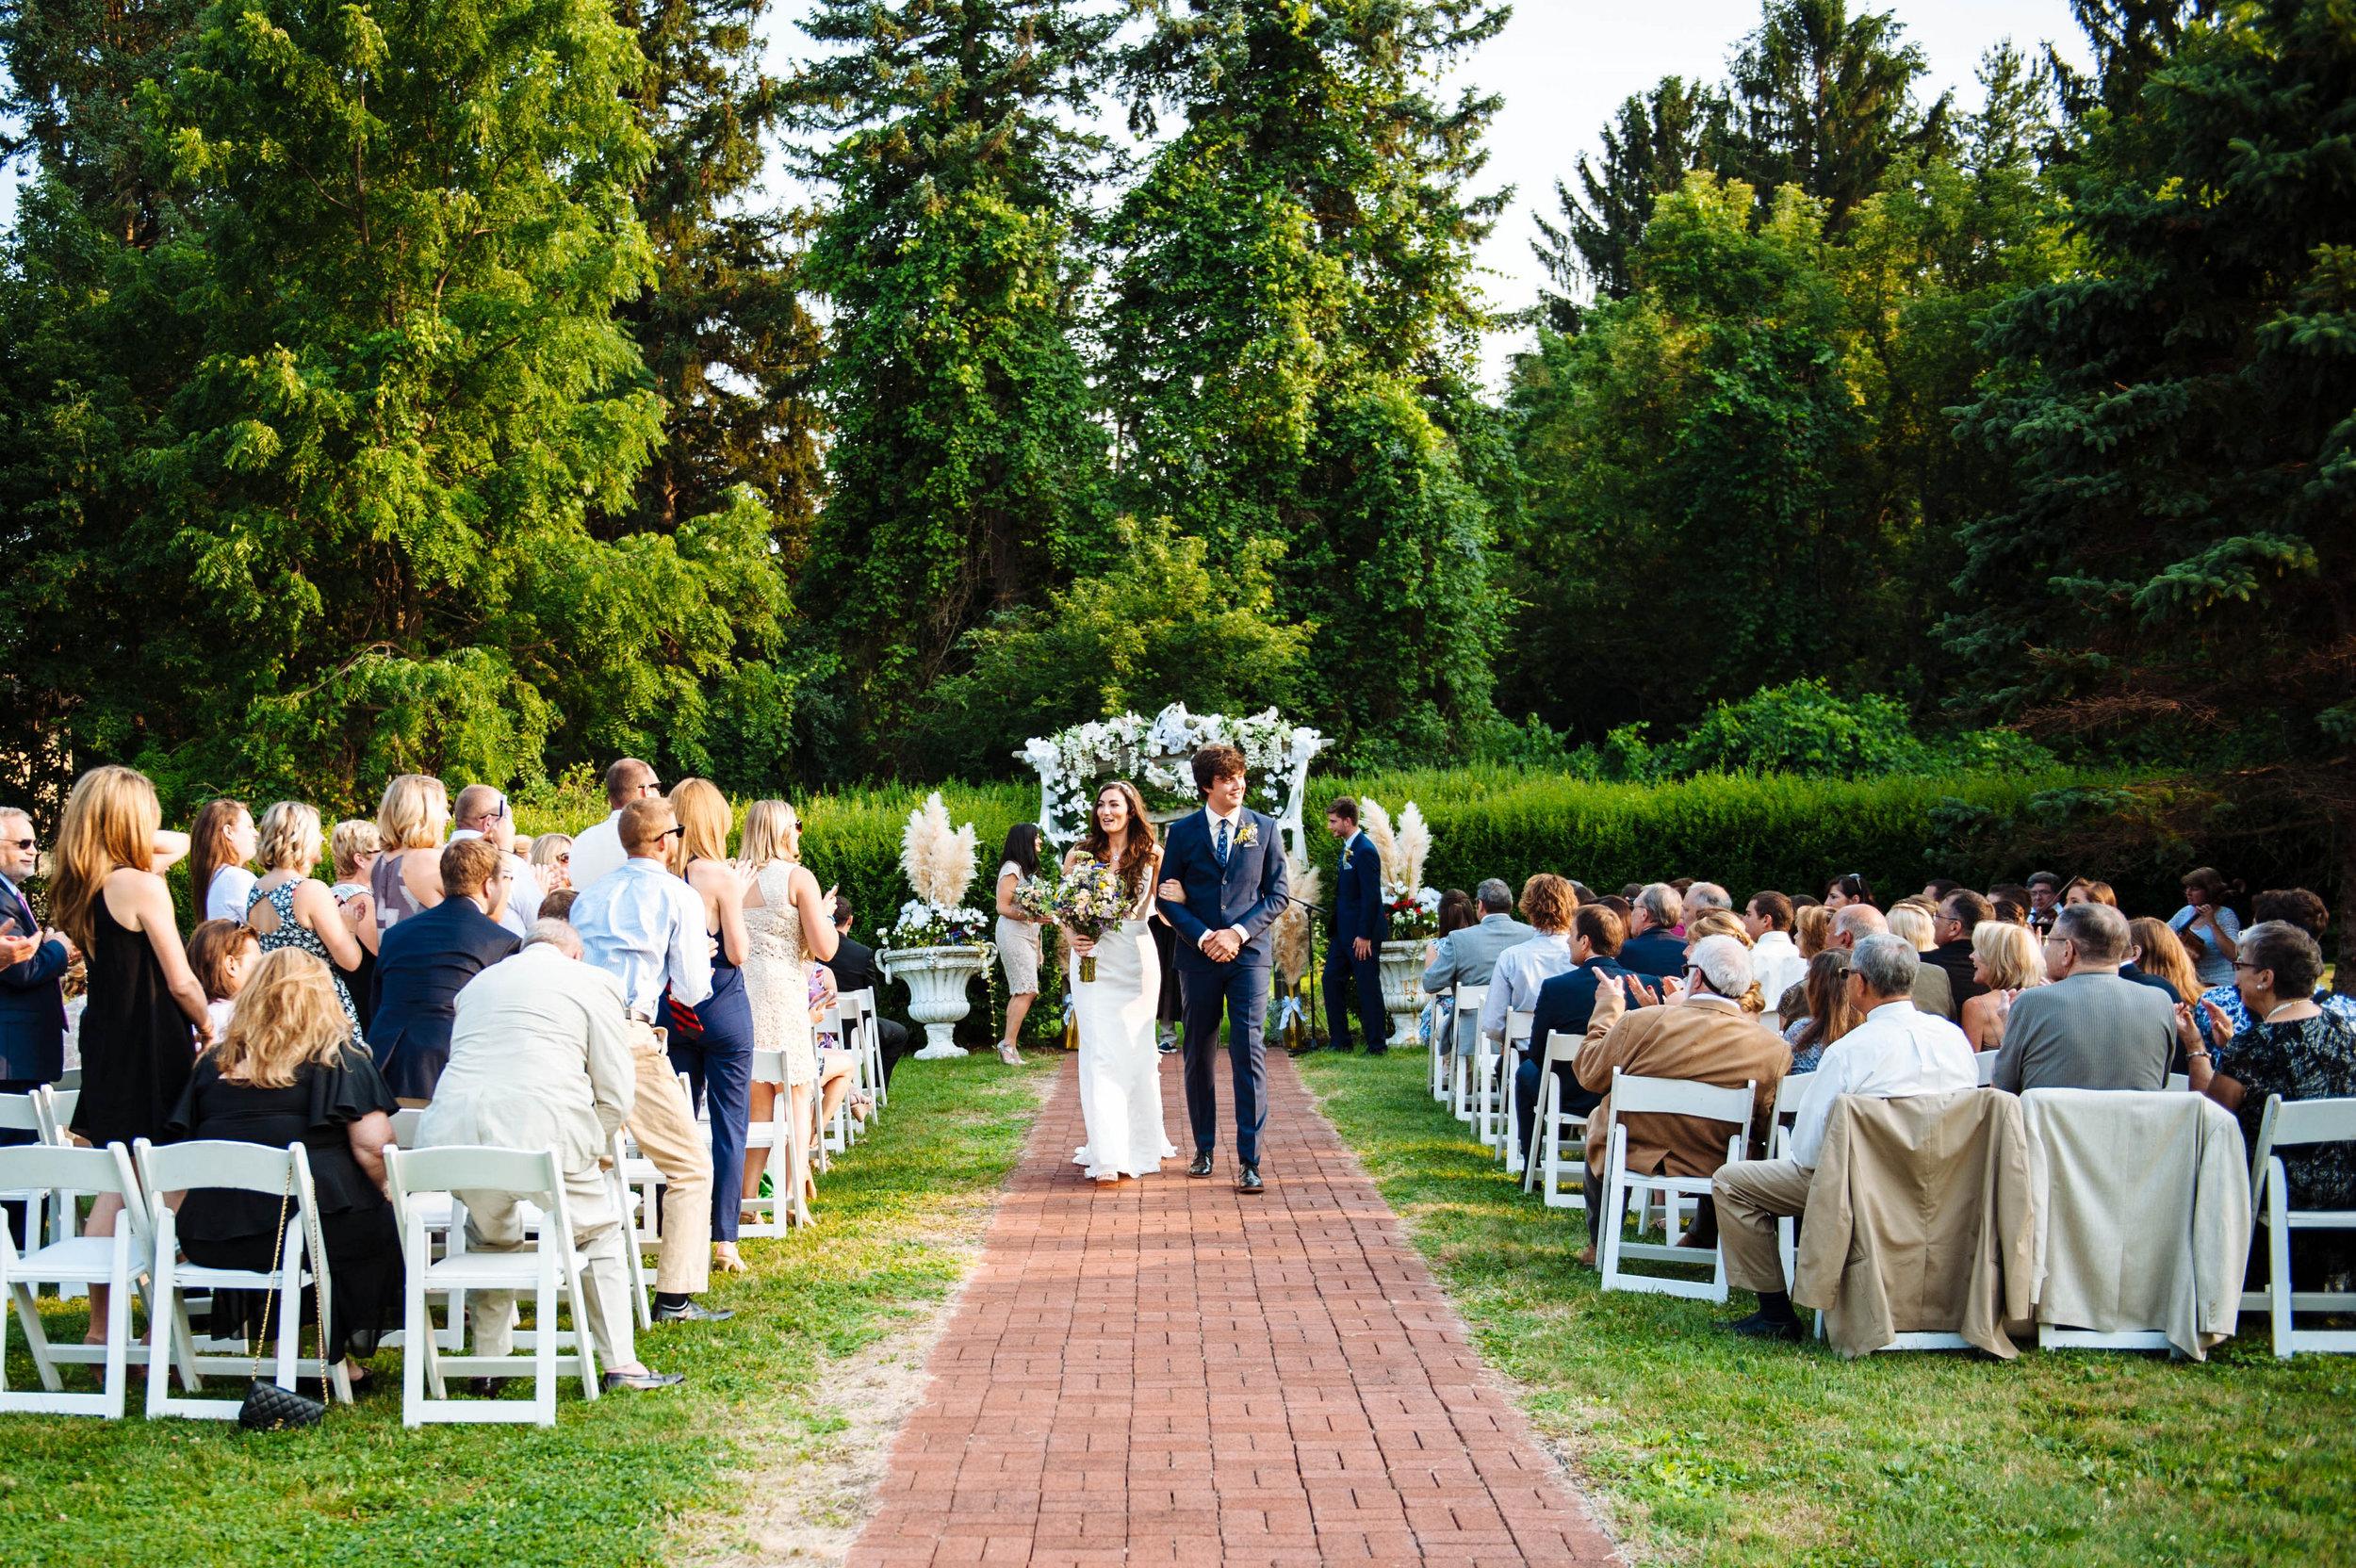 brig-sam-wedding-26